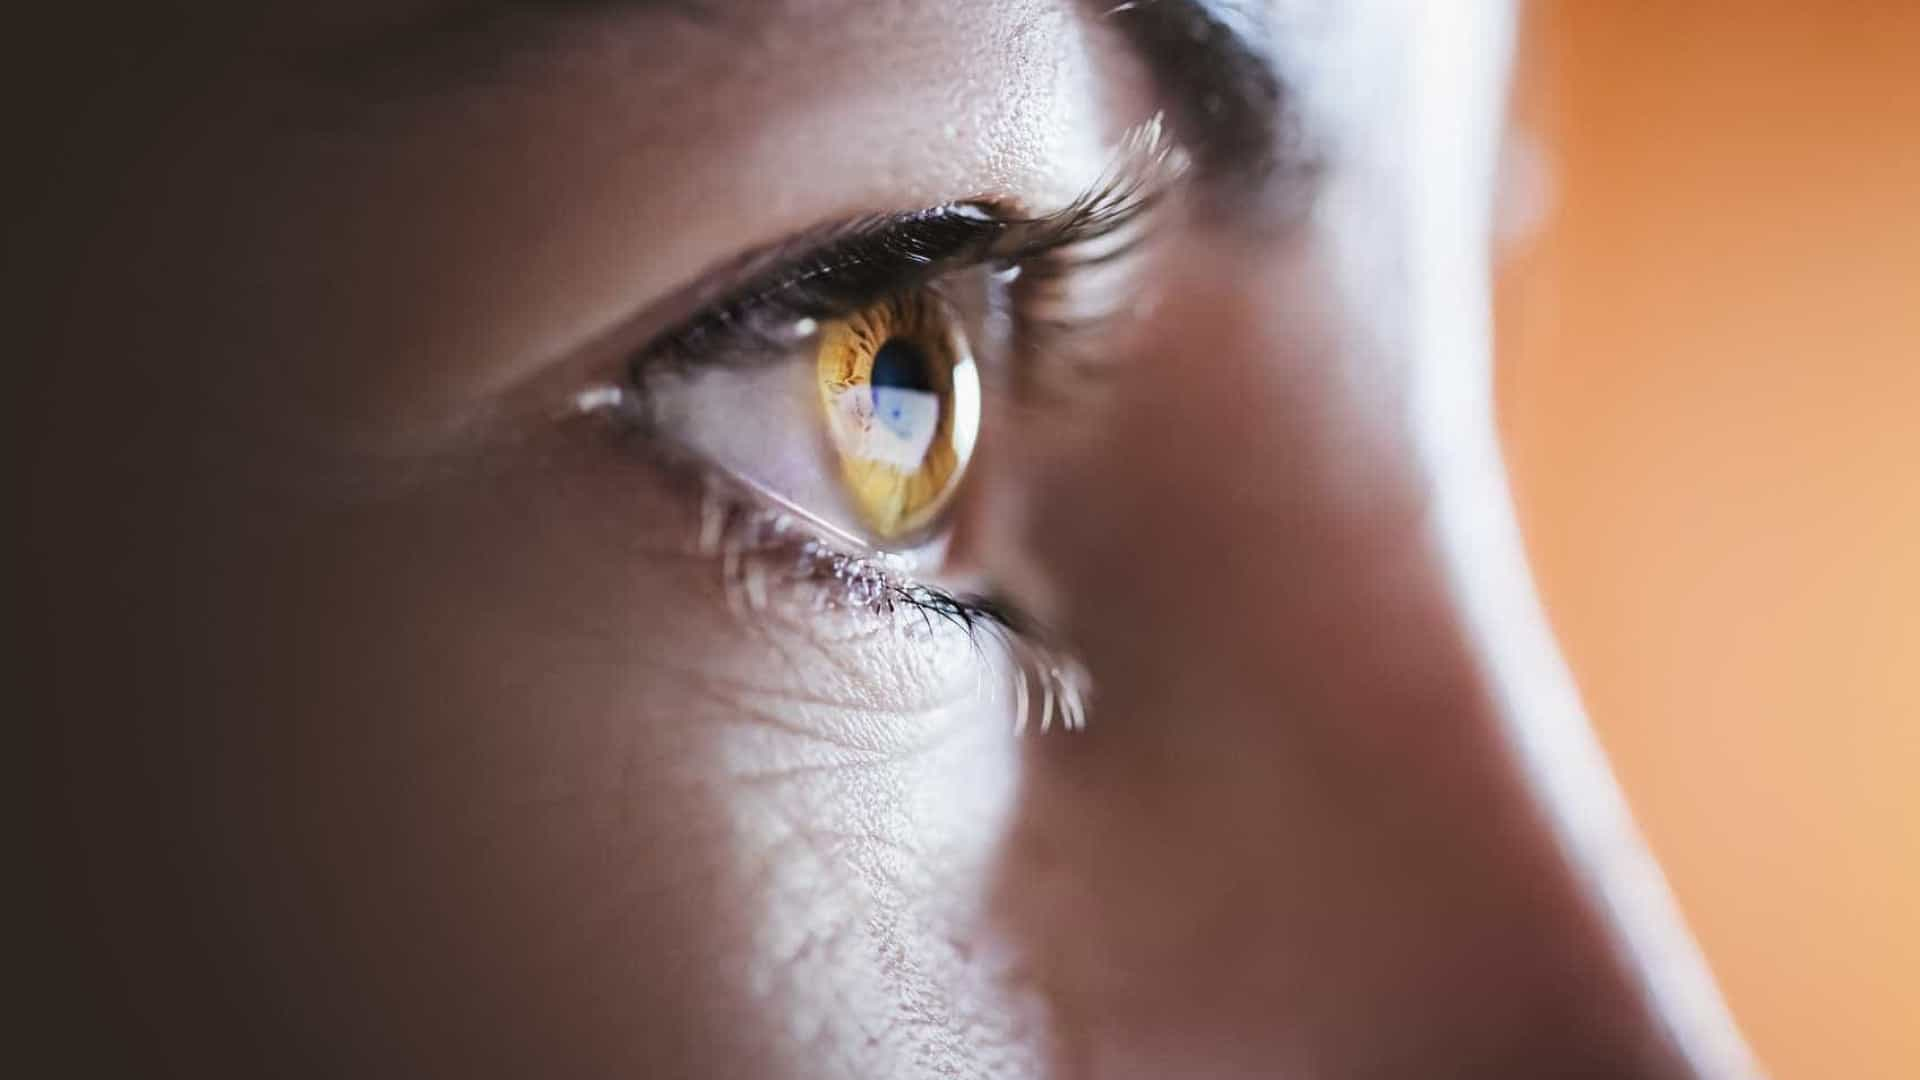 Oito cuidados diários para ter olhos saudáveis